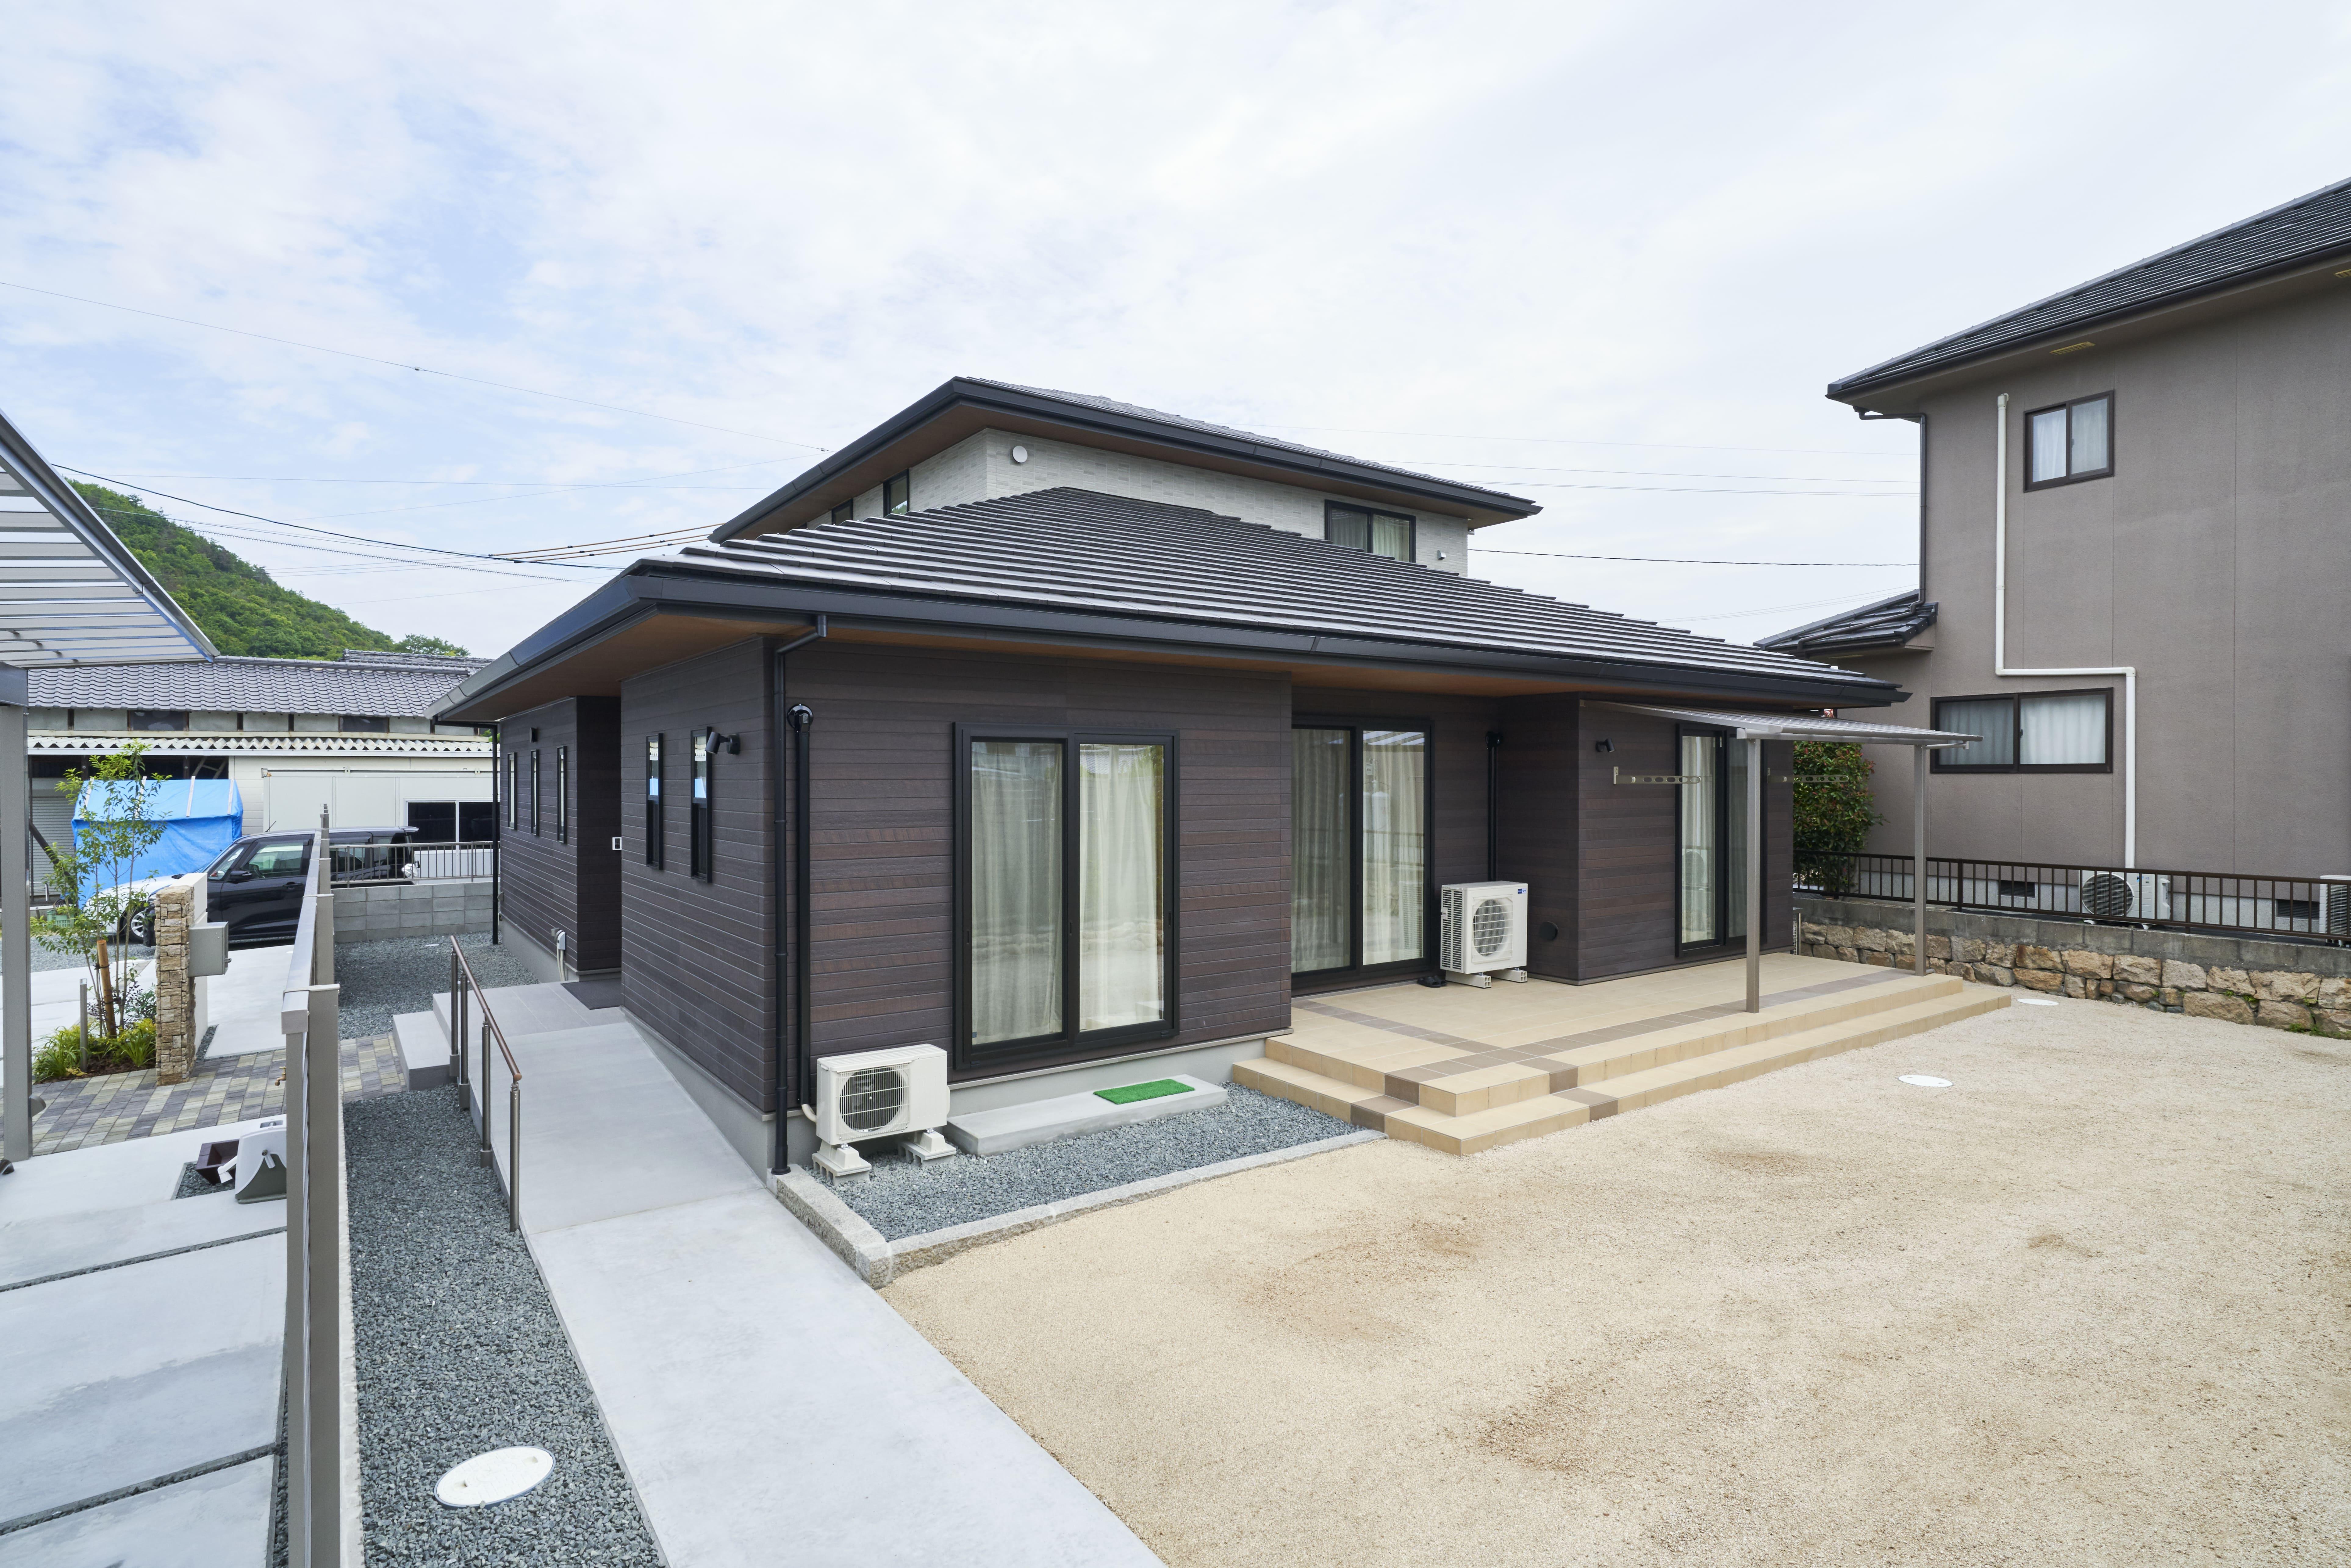 駐車場だけでなく、お庭も広々と確保。洗濯物を干すスペースとしてテラス屋根も設置しているので安心空間。